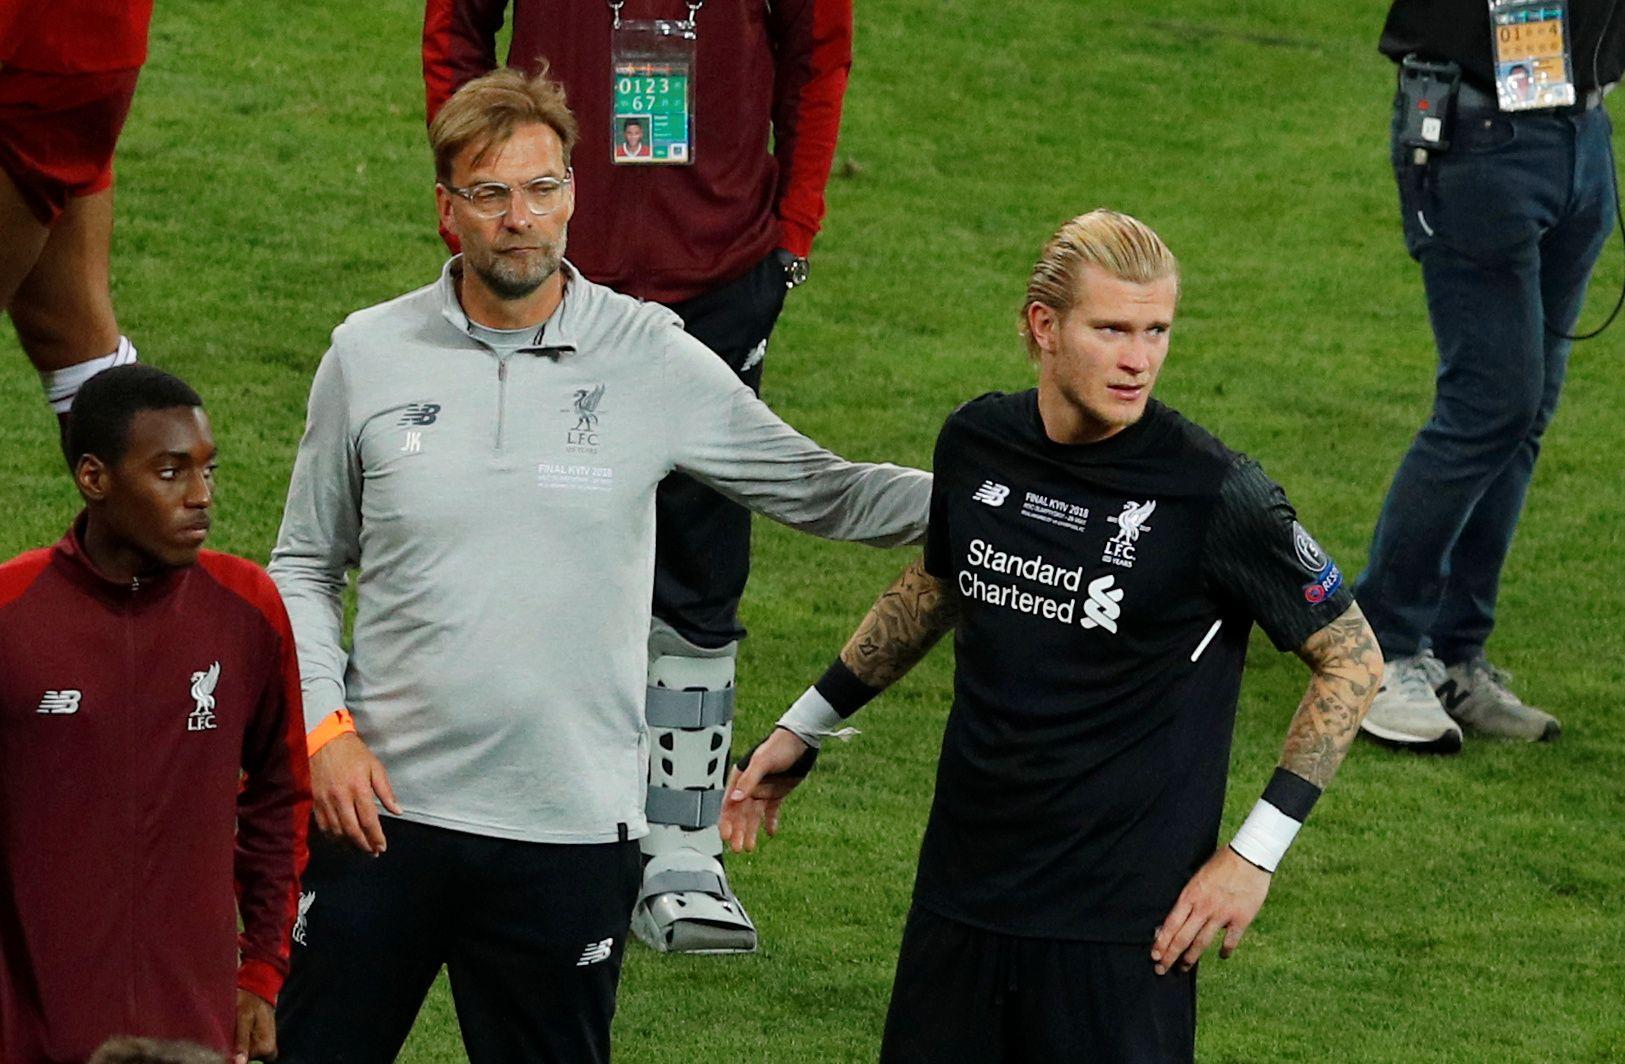 TAPTE FINALEN: Loris Karius (høyre) hadde to tabber som førte til at Liverpool tapte Champions League-finalen. Her er han med manager Jürgen Klopp i nevnte kamp.